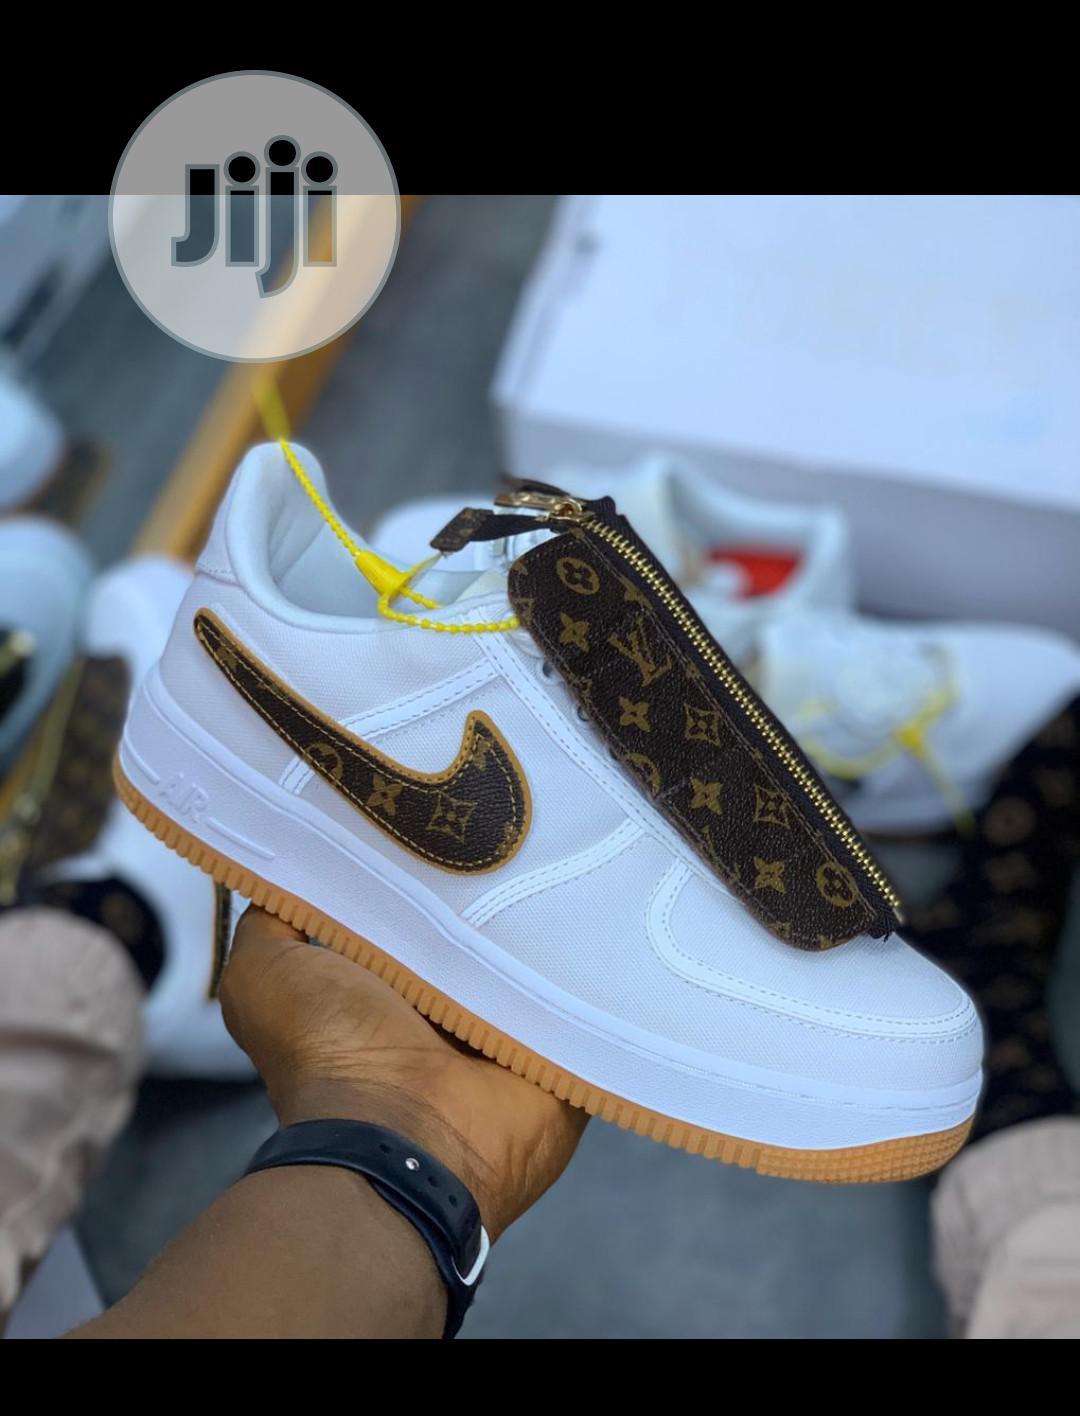 Nike Air Force 1 Louis Vuitton White